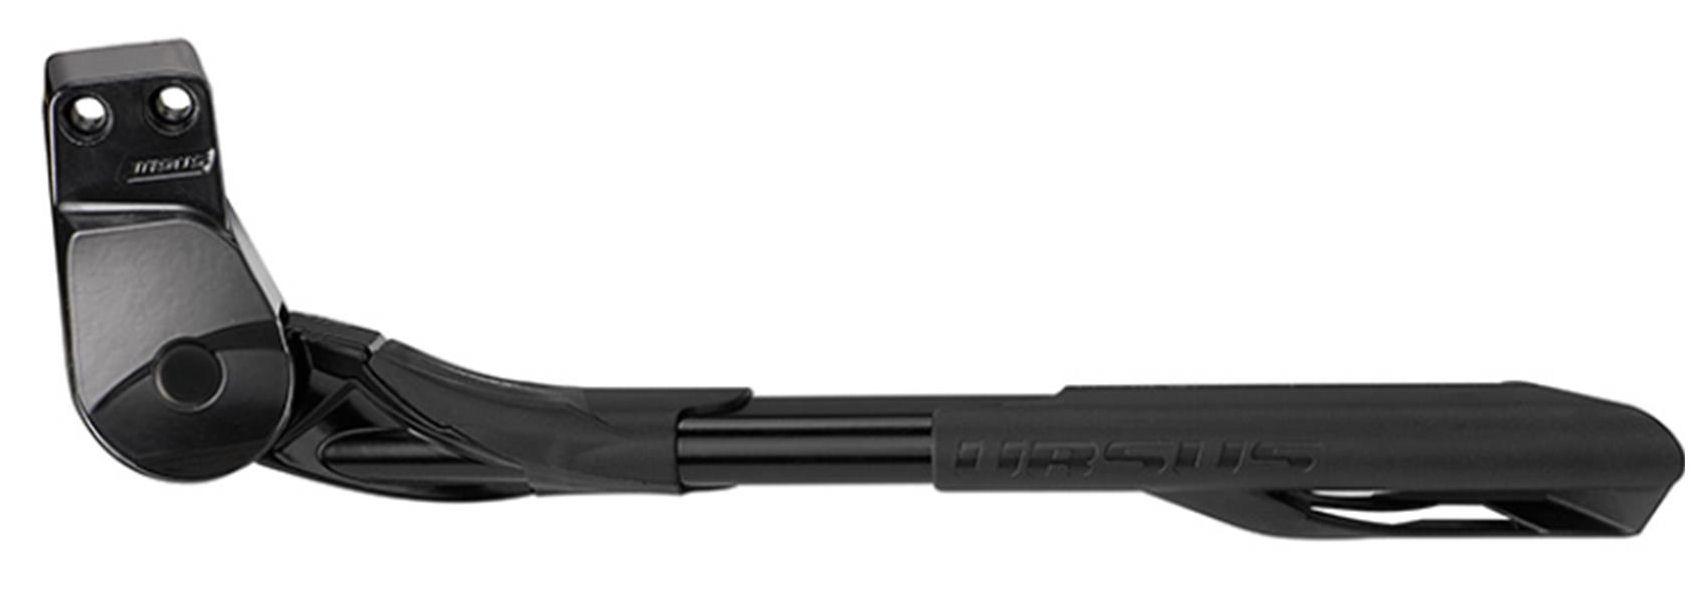 Achterstandaard Ursus Wave met 18 mm plaat - zwart